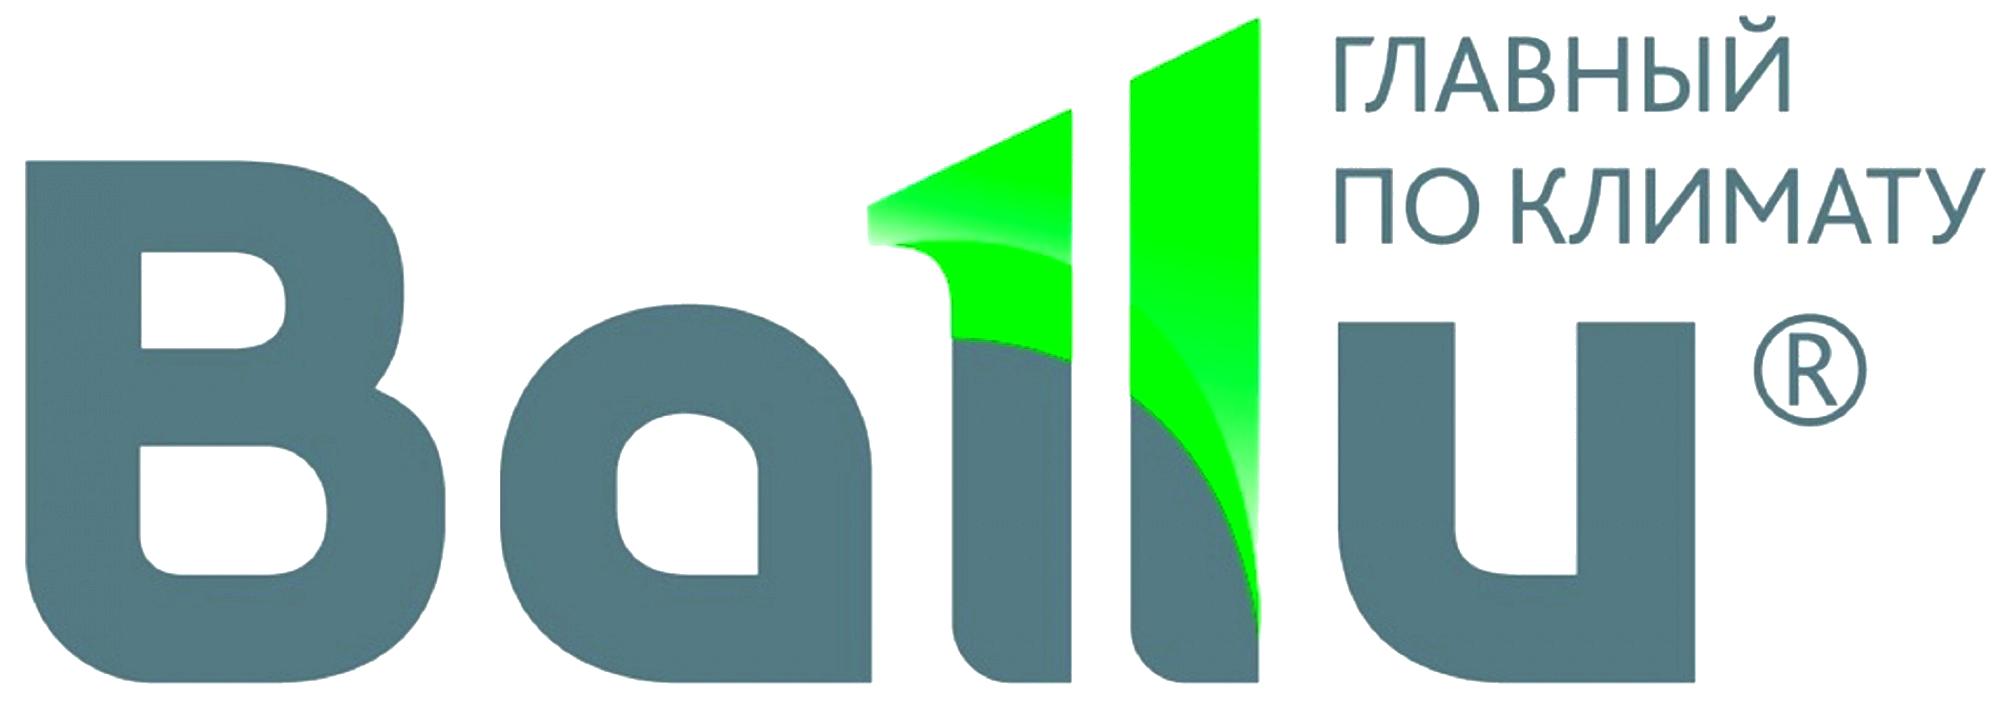 Обогреватели и тепловые пушки BALLU купить по низкой цене